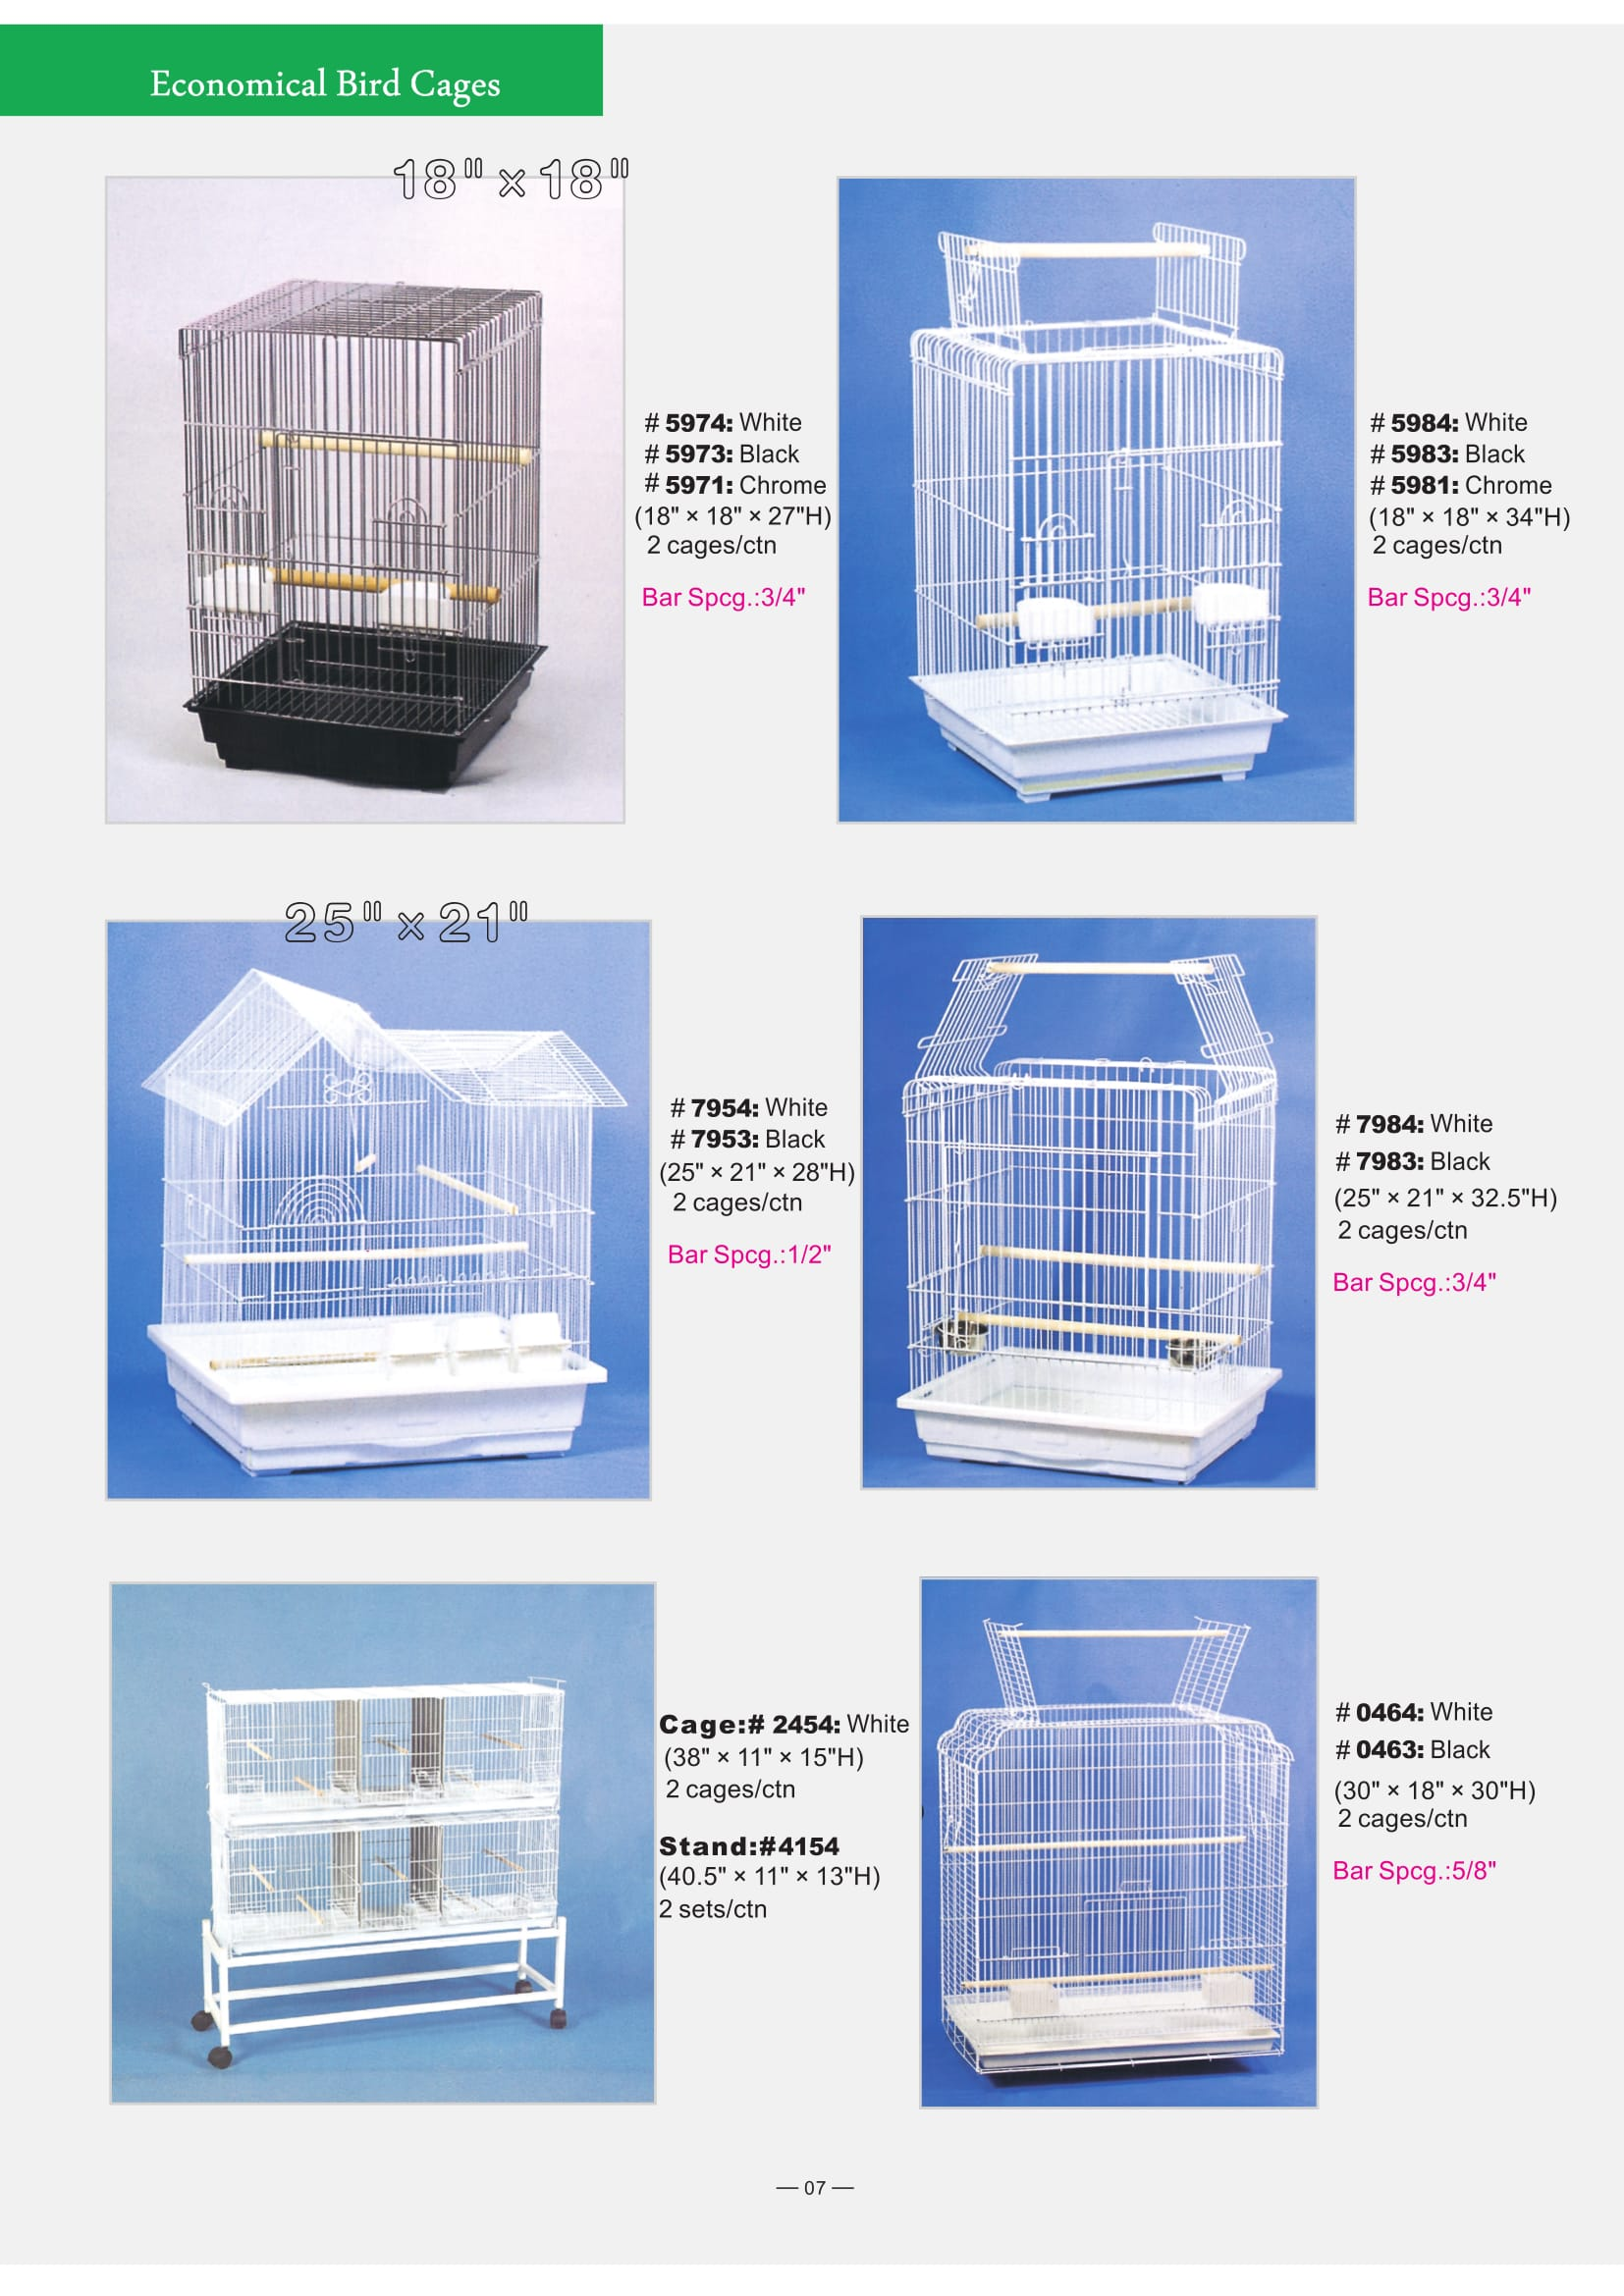 2. Economical Bird Cages part 2-4